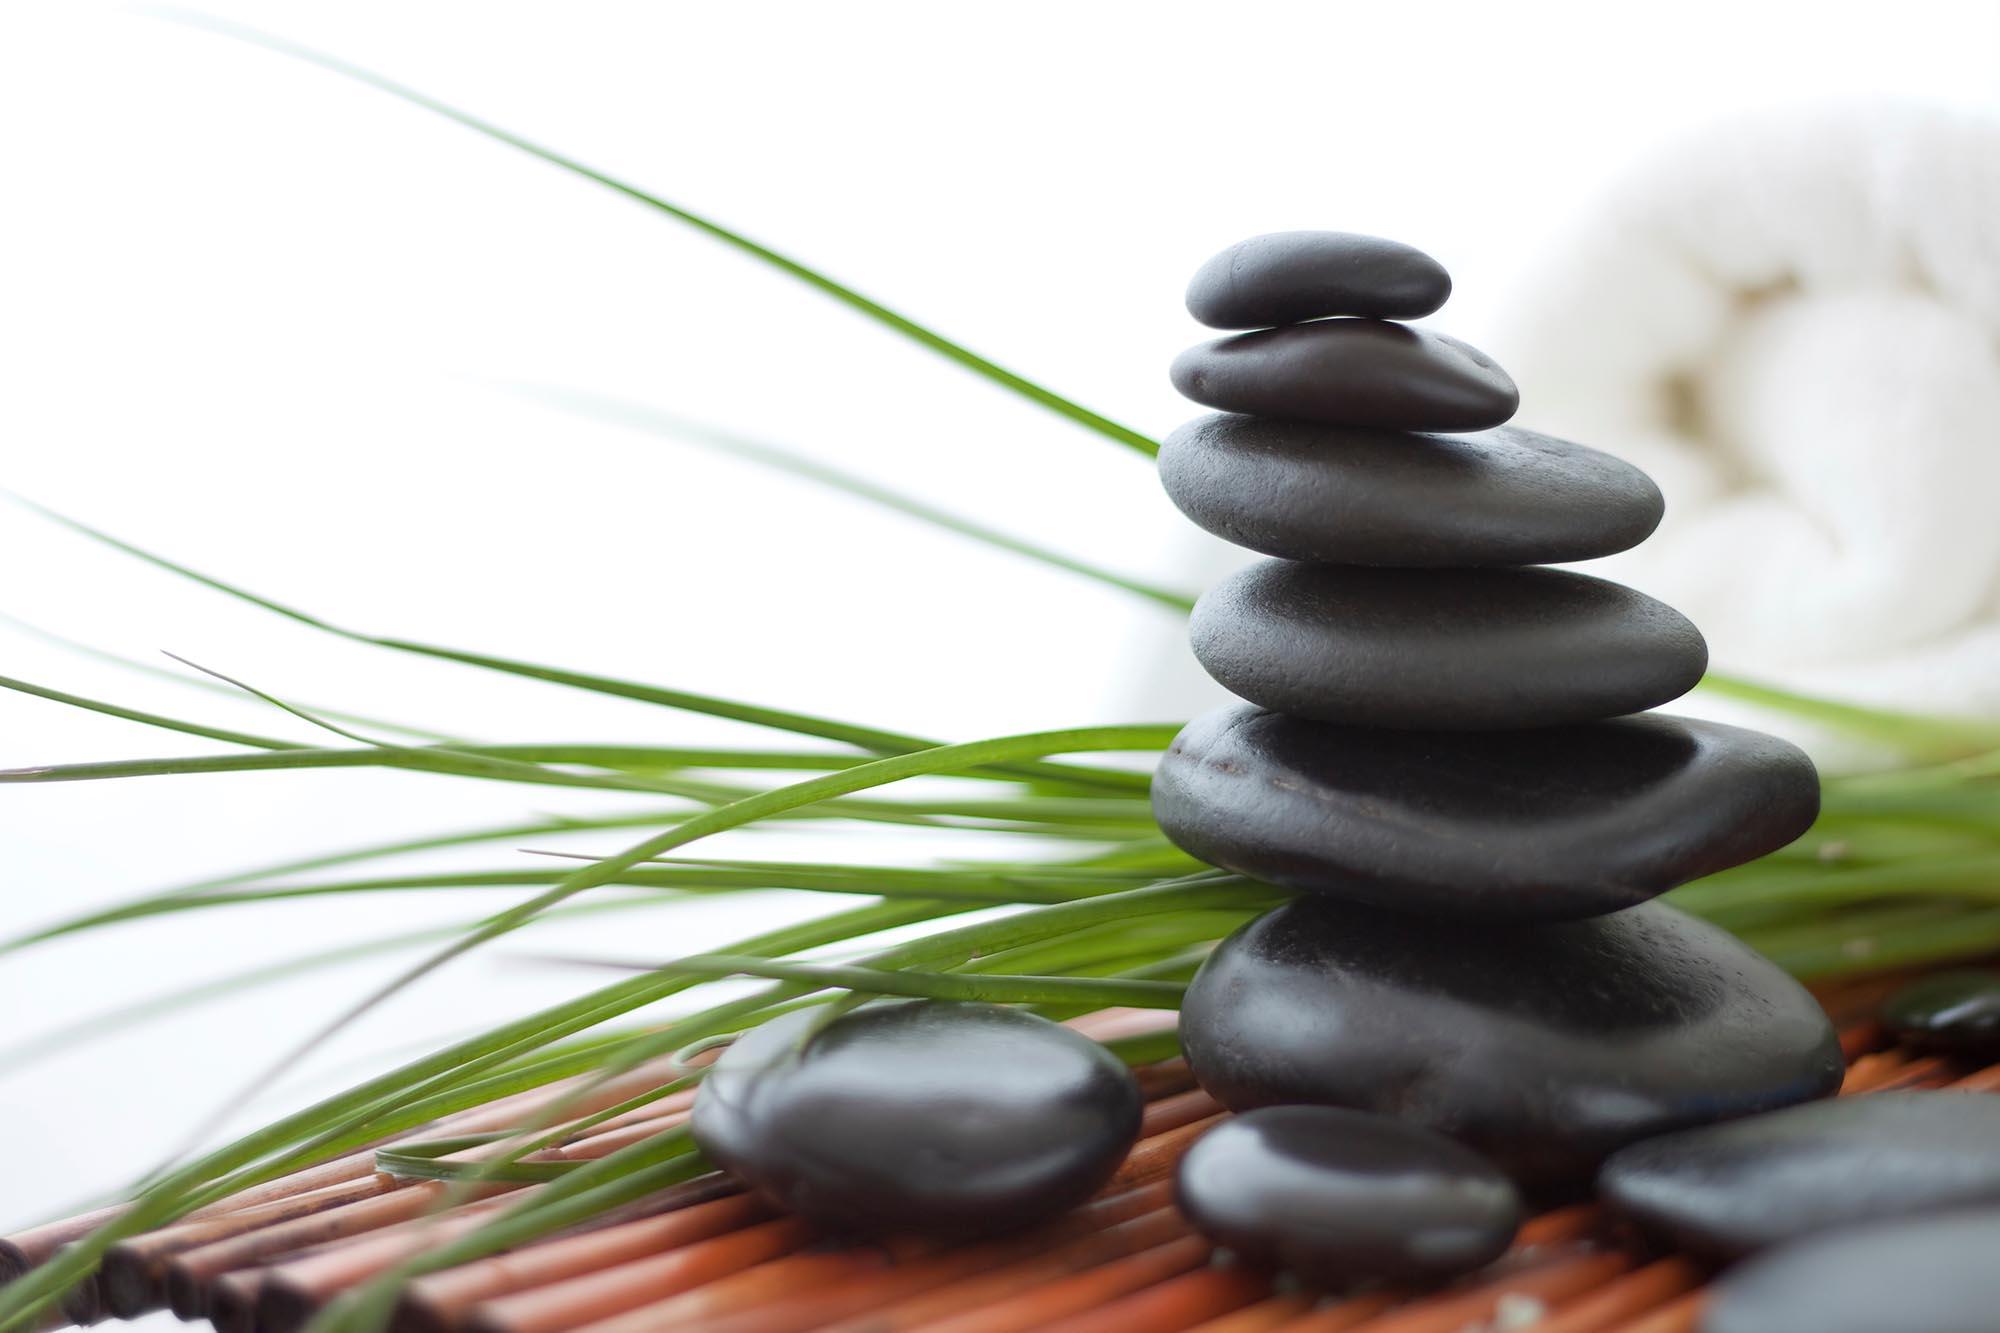 zen-stone-photo